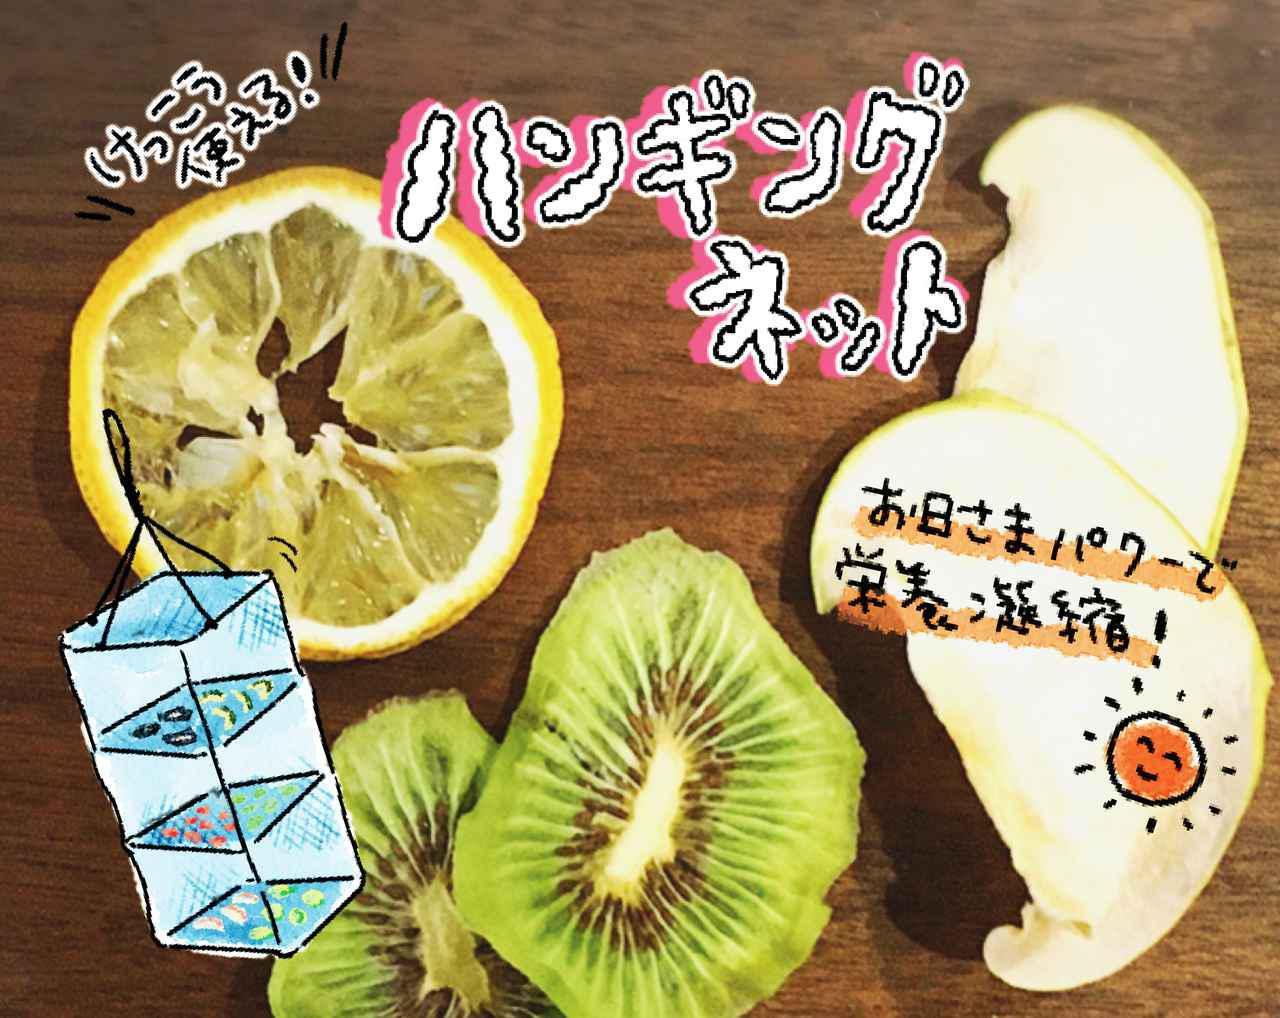 画像: 【ドライフルーツの作り方】ハンギングドライネットで簡単! 干物&干し野菜も - ハピキャン キャンプ・アウトドア情報メディア